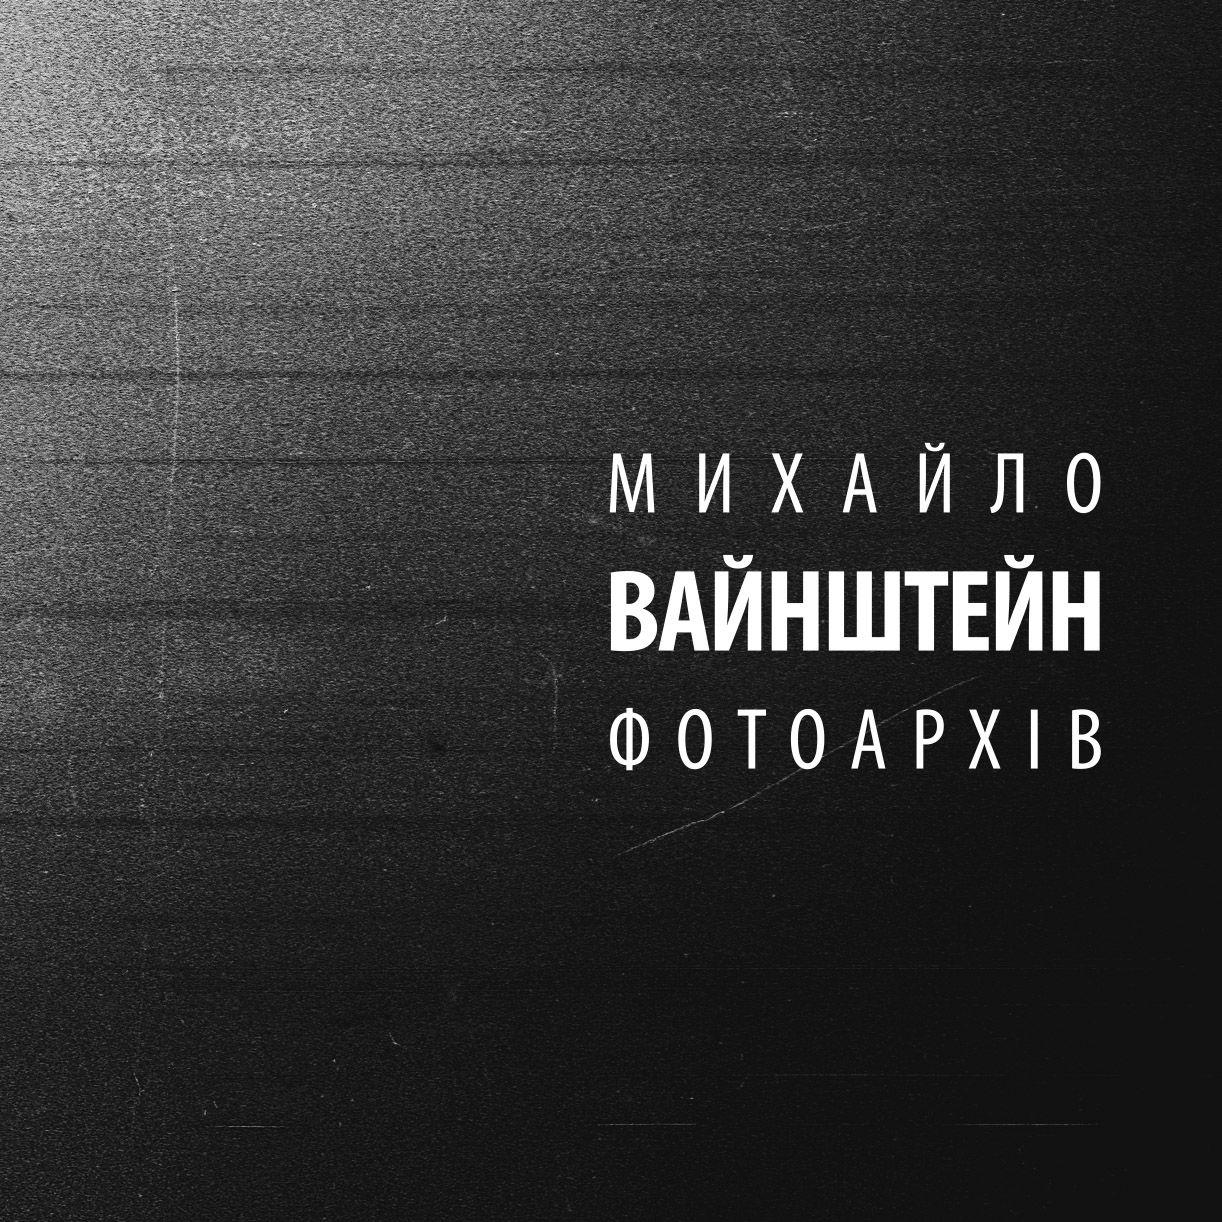 Михайло Вайнштейн. Фотоархів